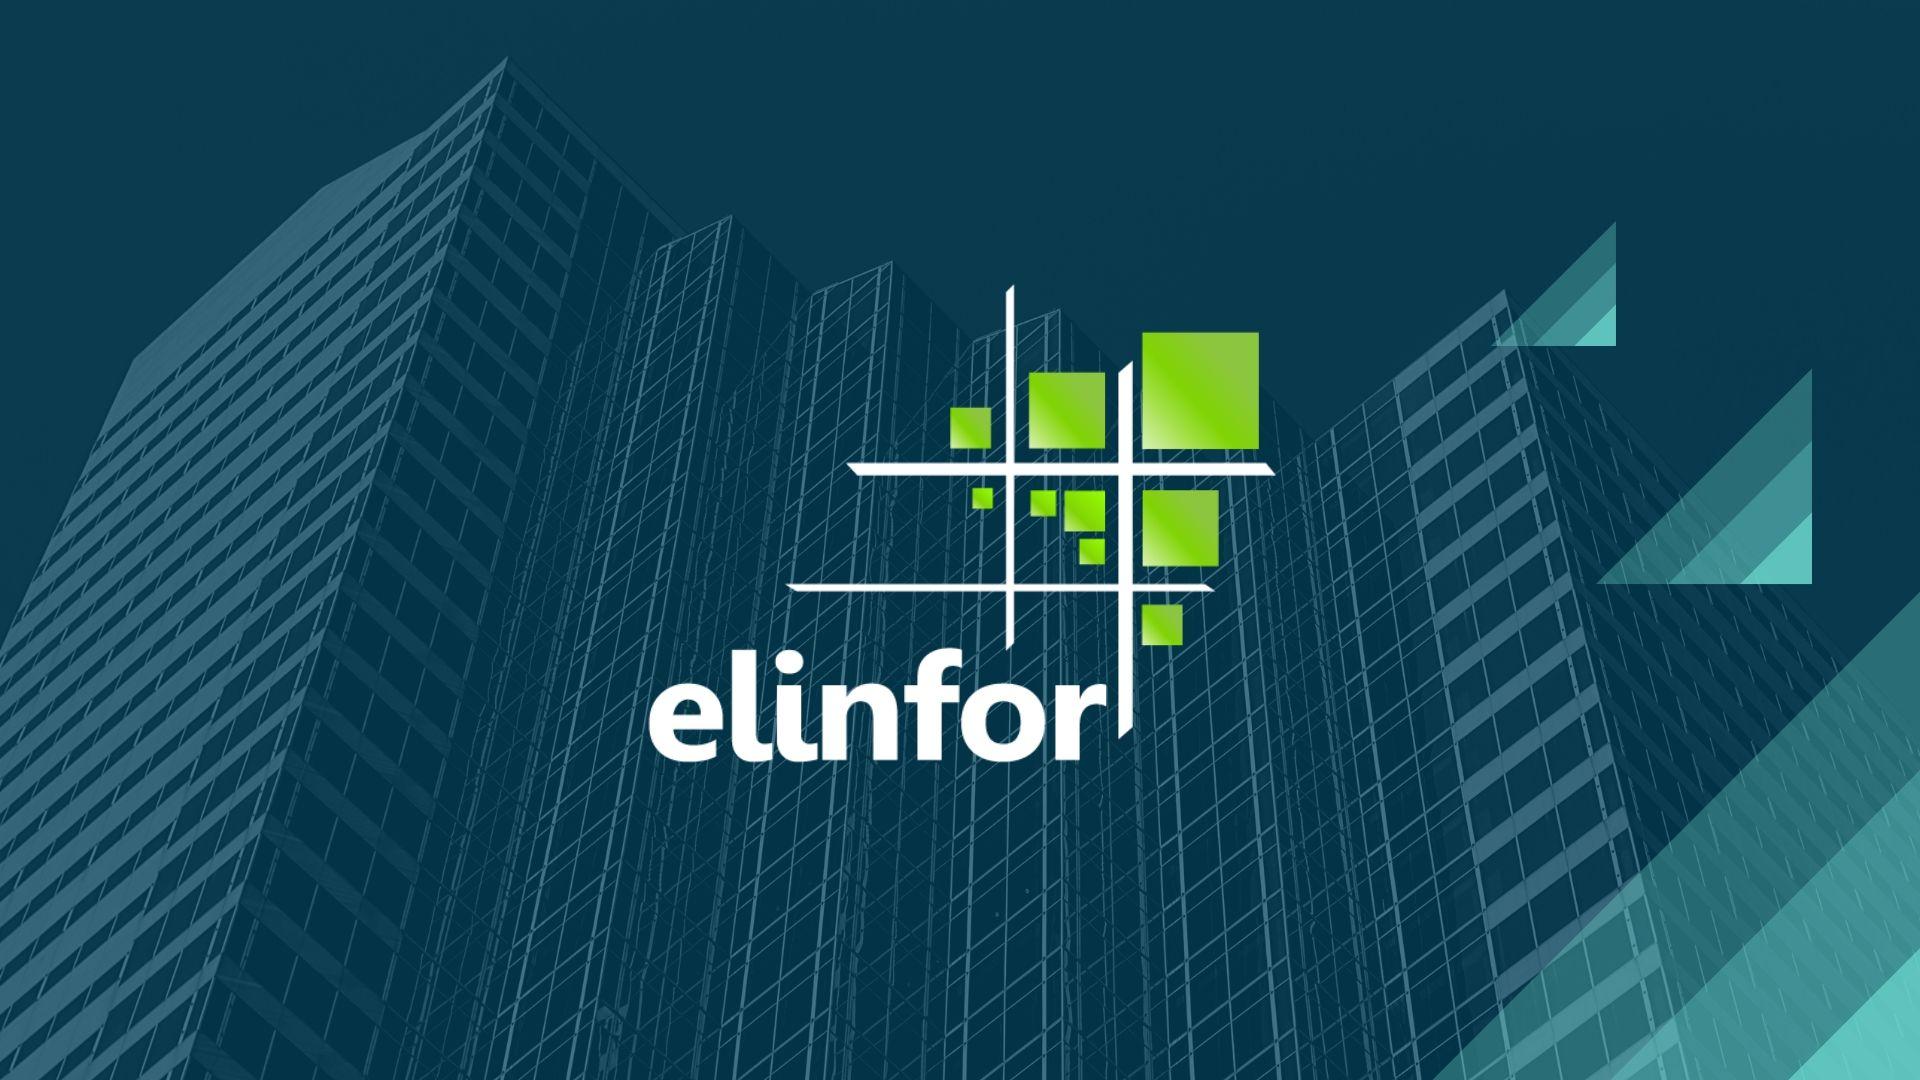 (c) Elinfor.com.br